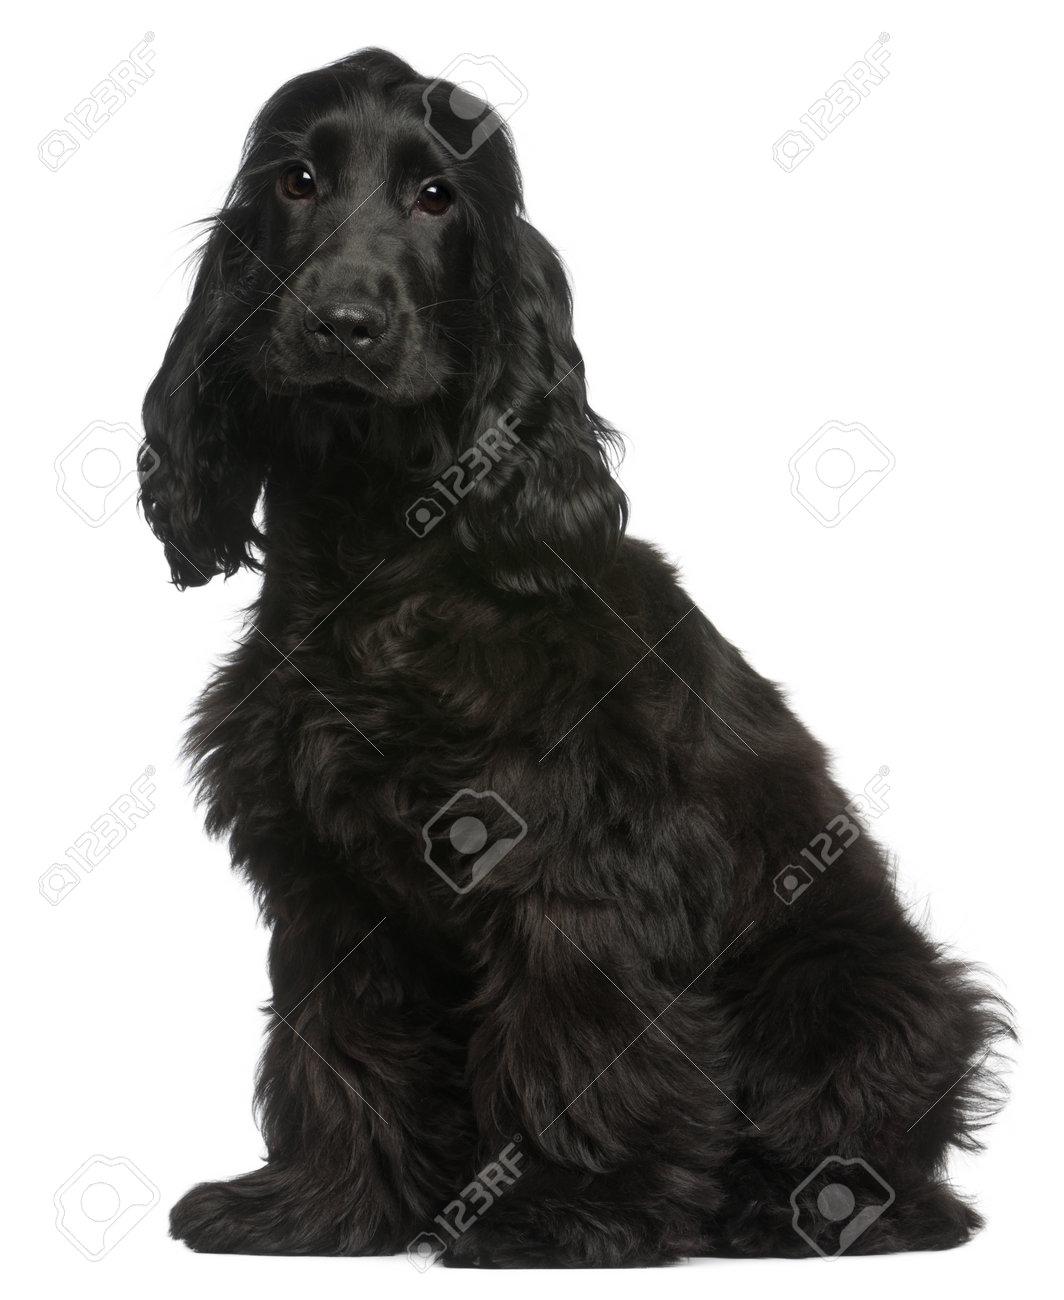 Immagini Stock Cucciolo Cocker Spaniel Inglese 5 Mesi Di Età